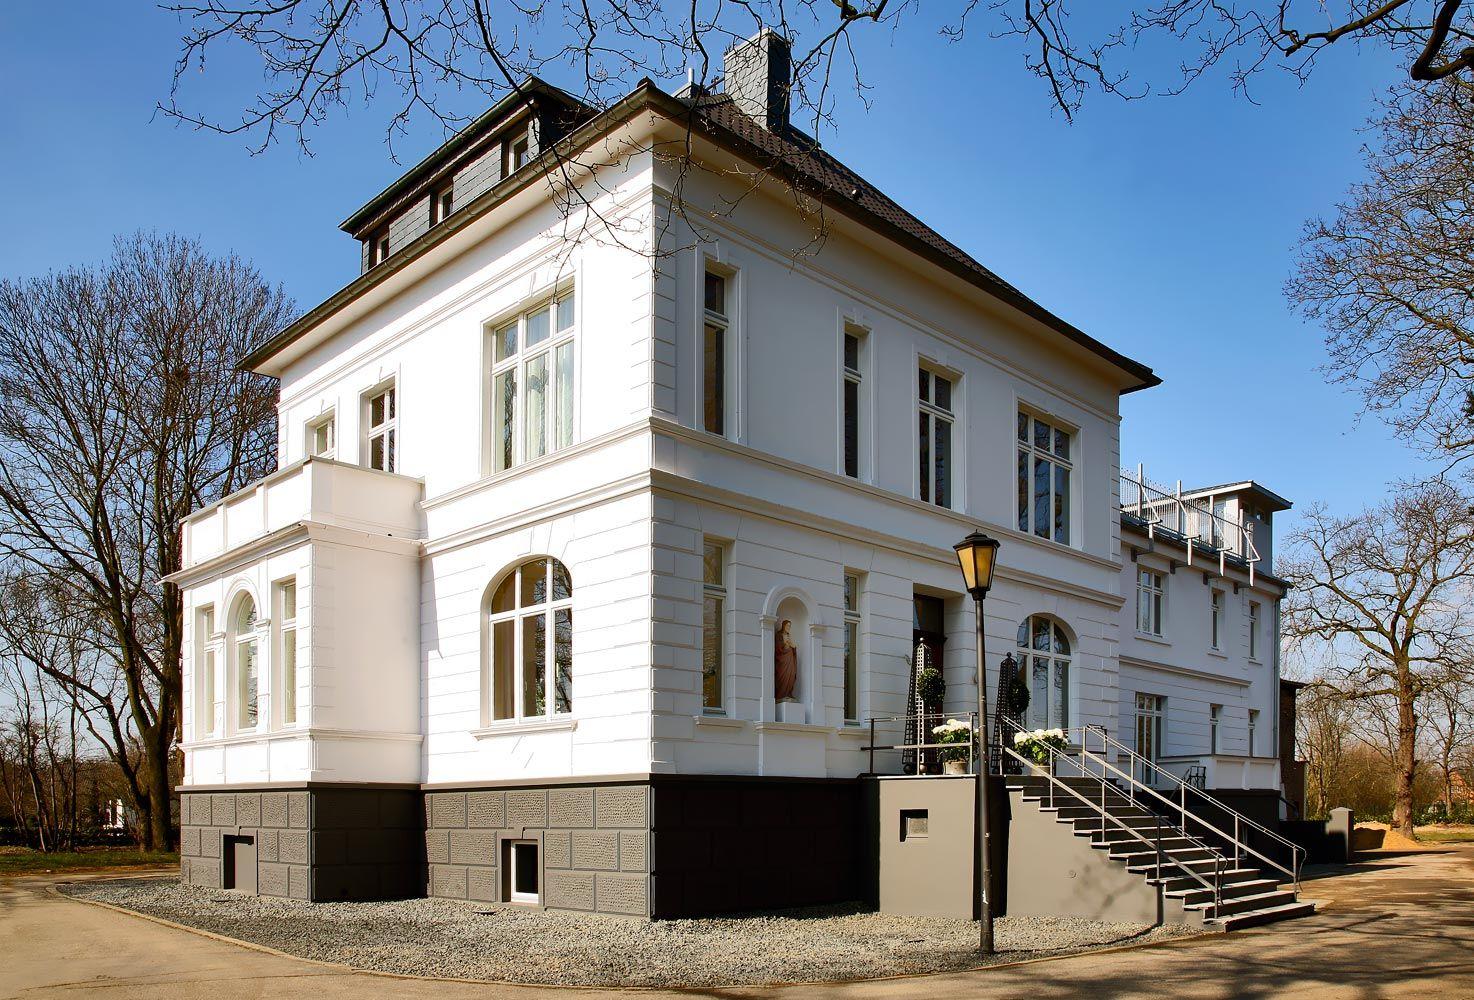 Wohnung Mieten In Hamm Immobilienscout24